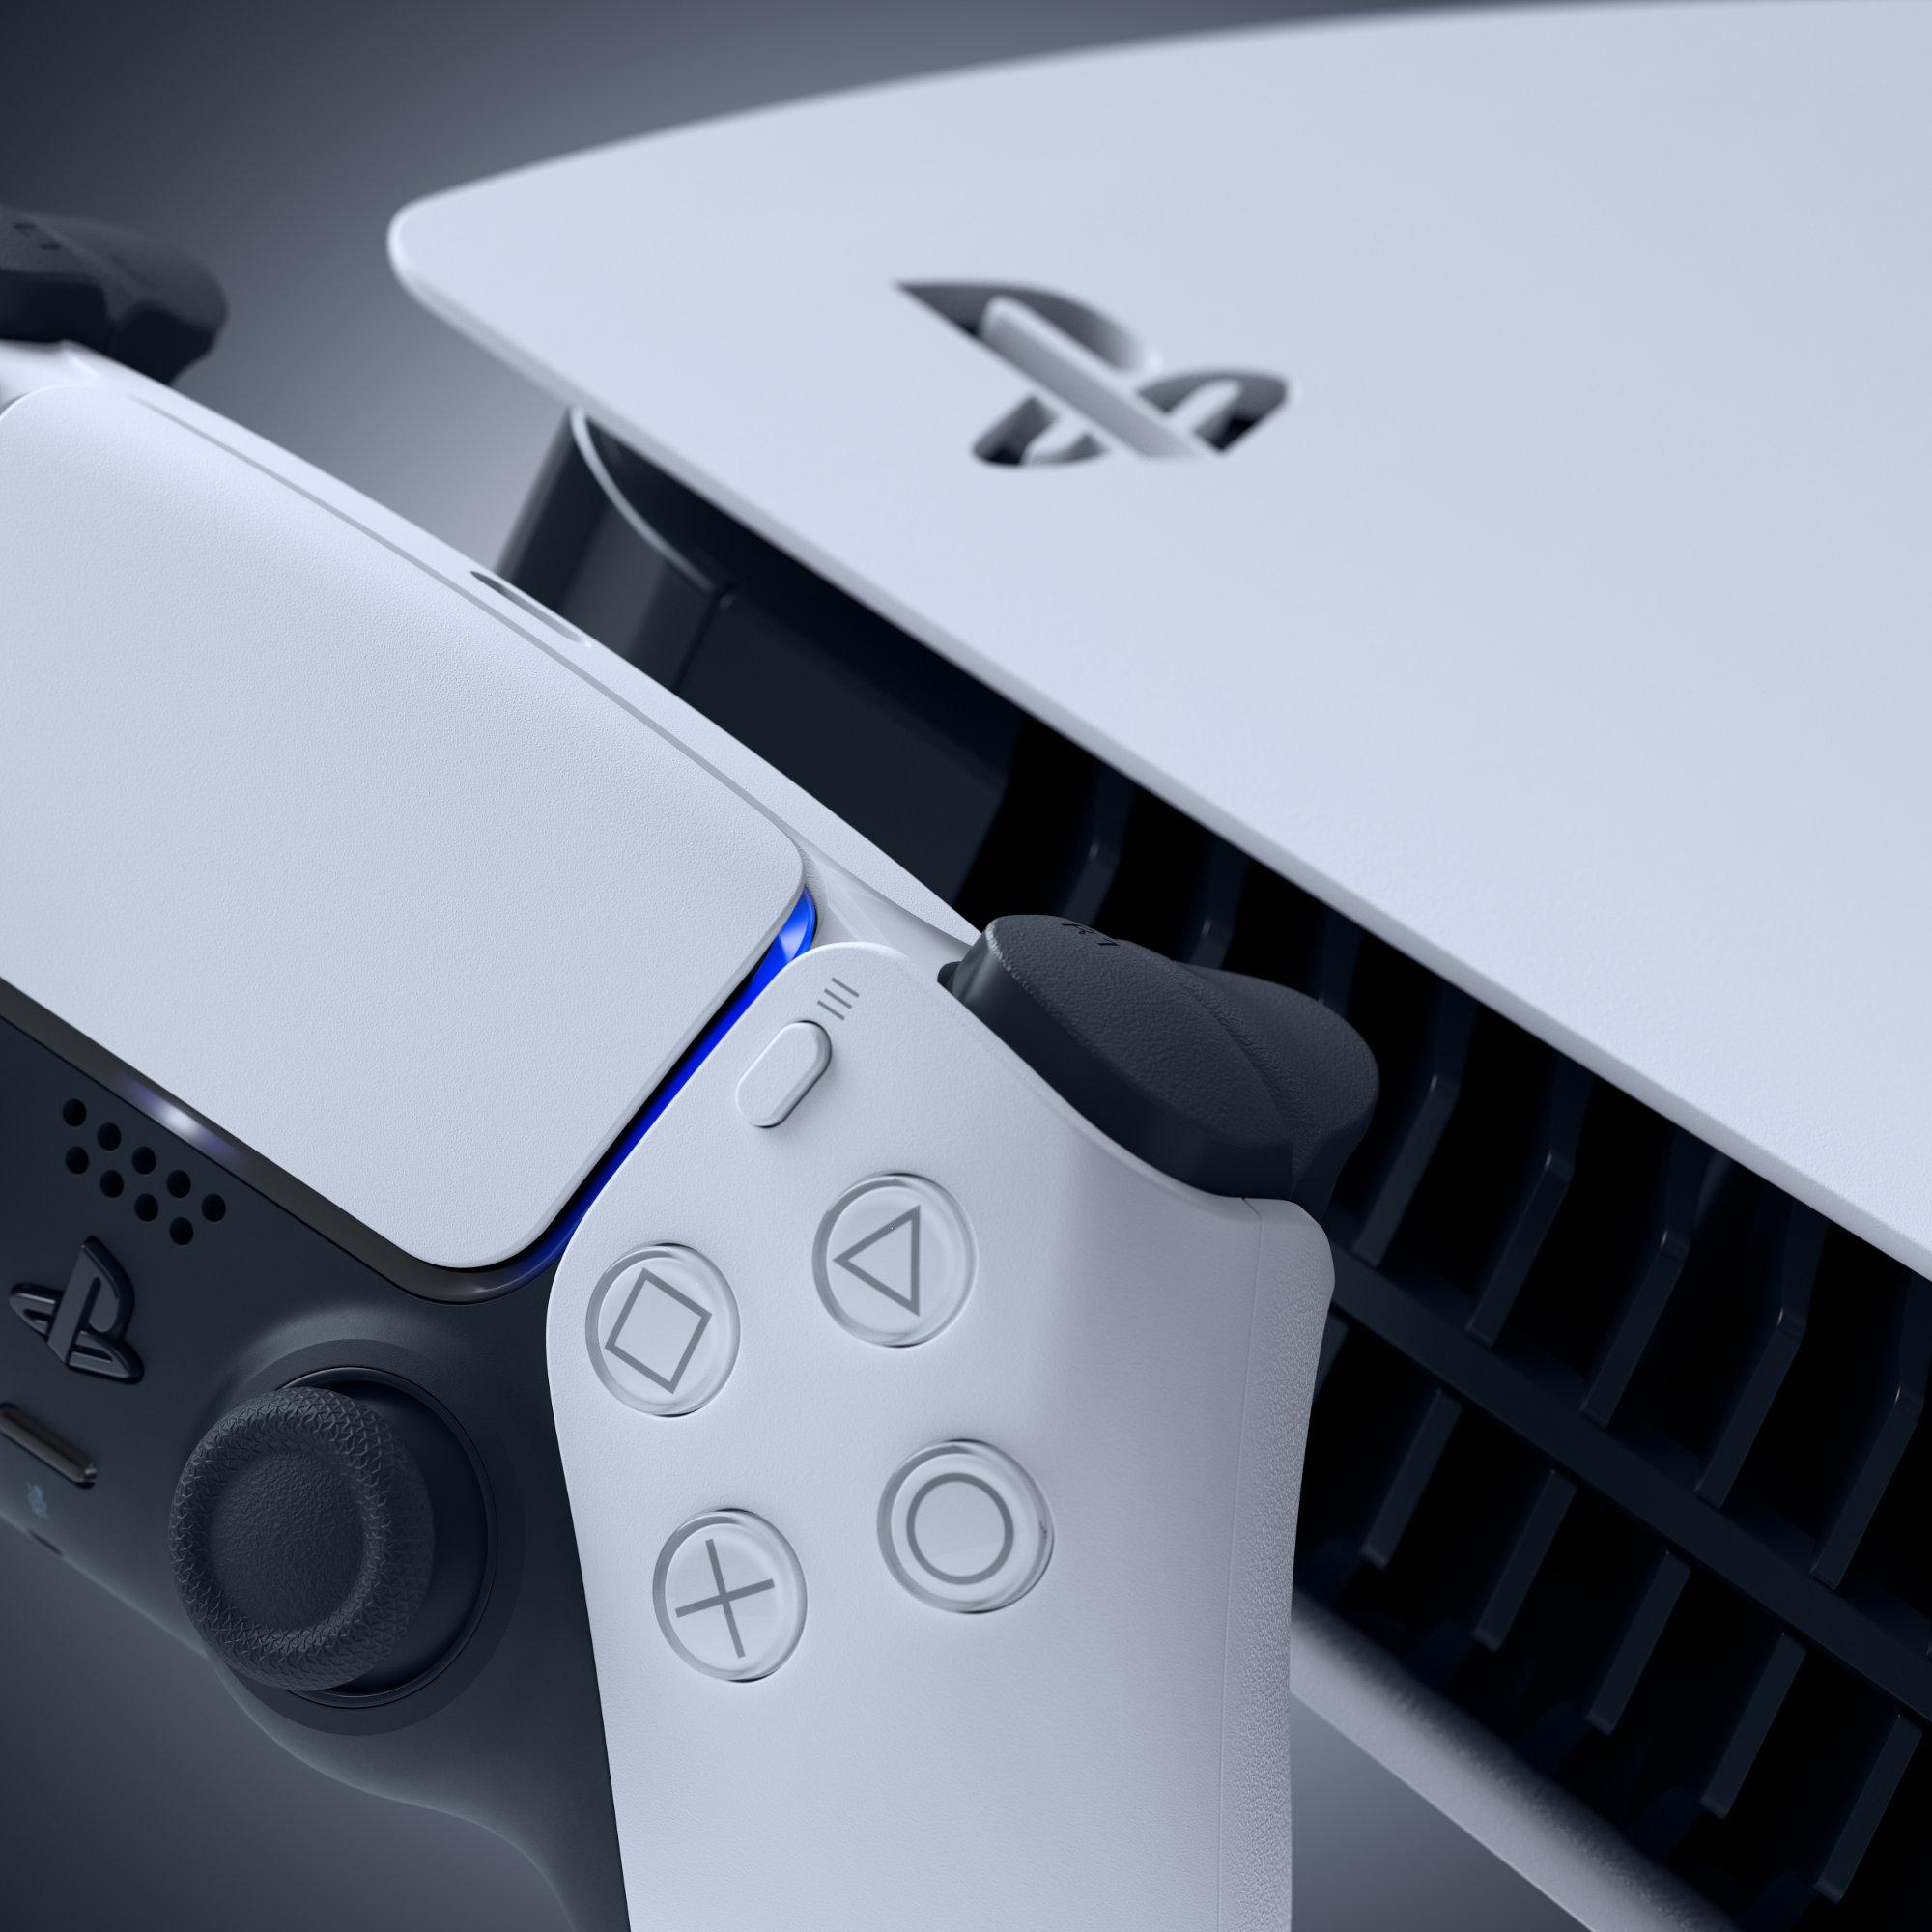 La PlayStation 5 pourrait être rapidement en rupture de stock